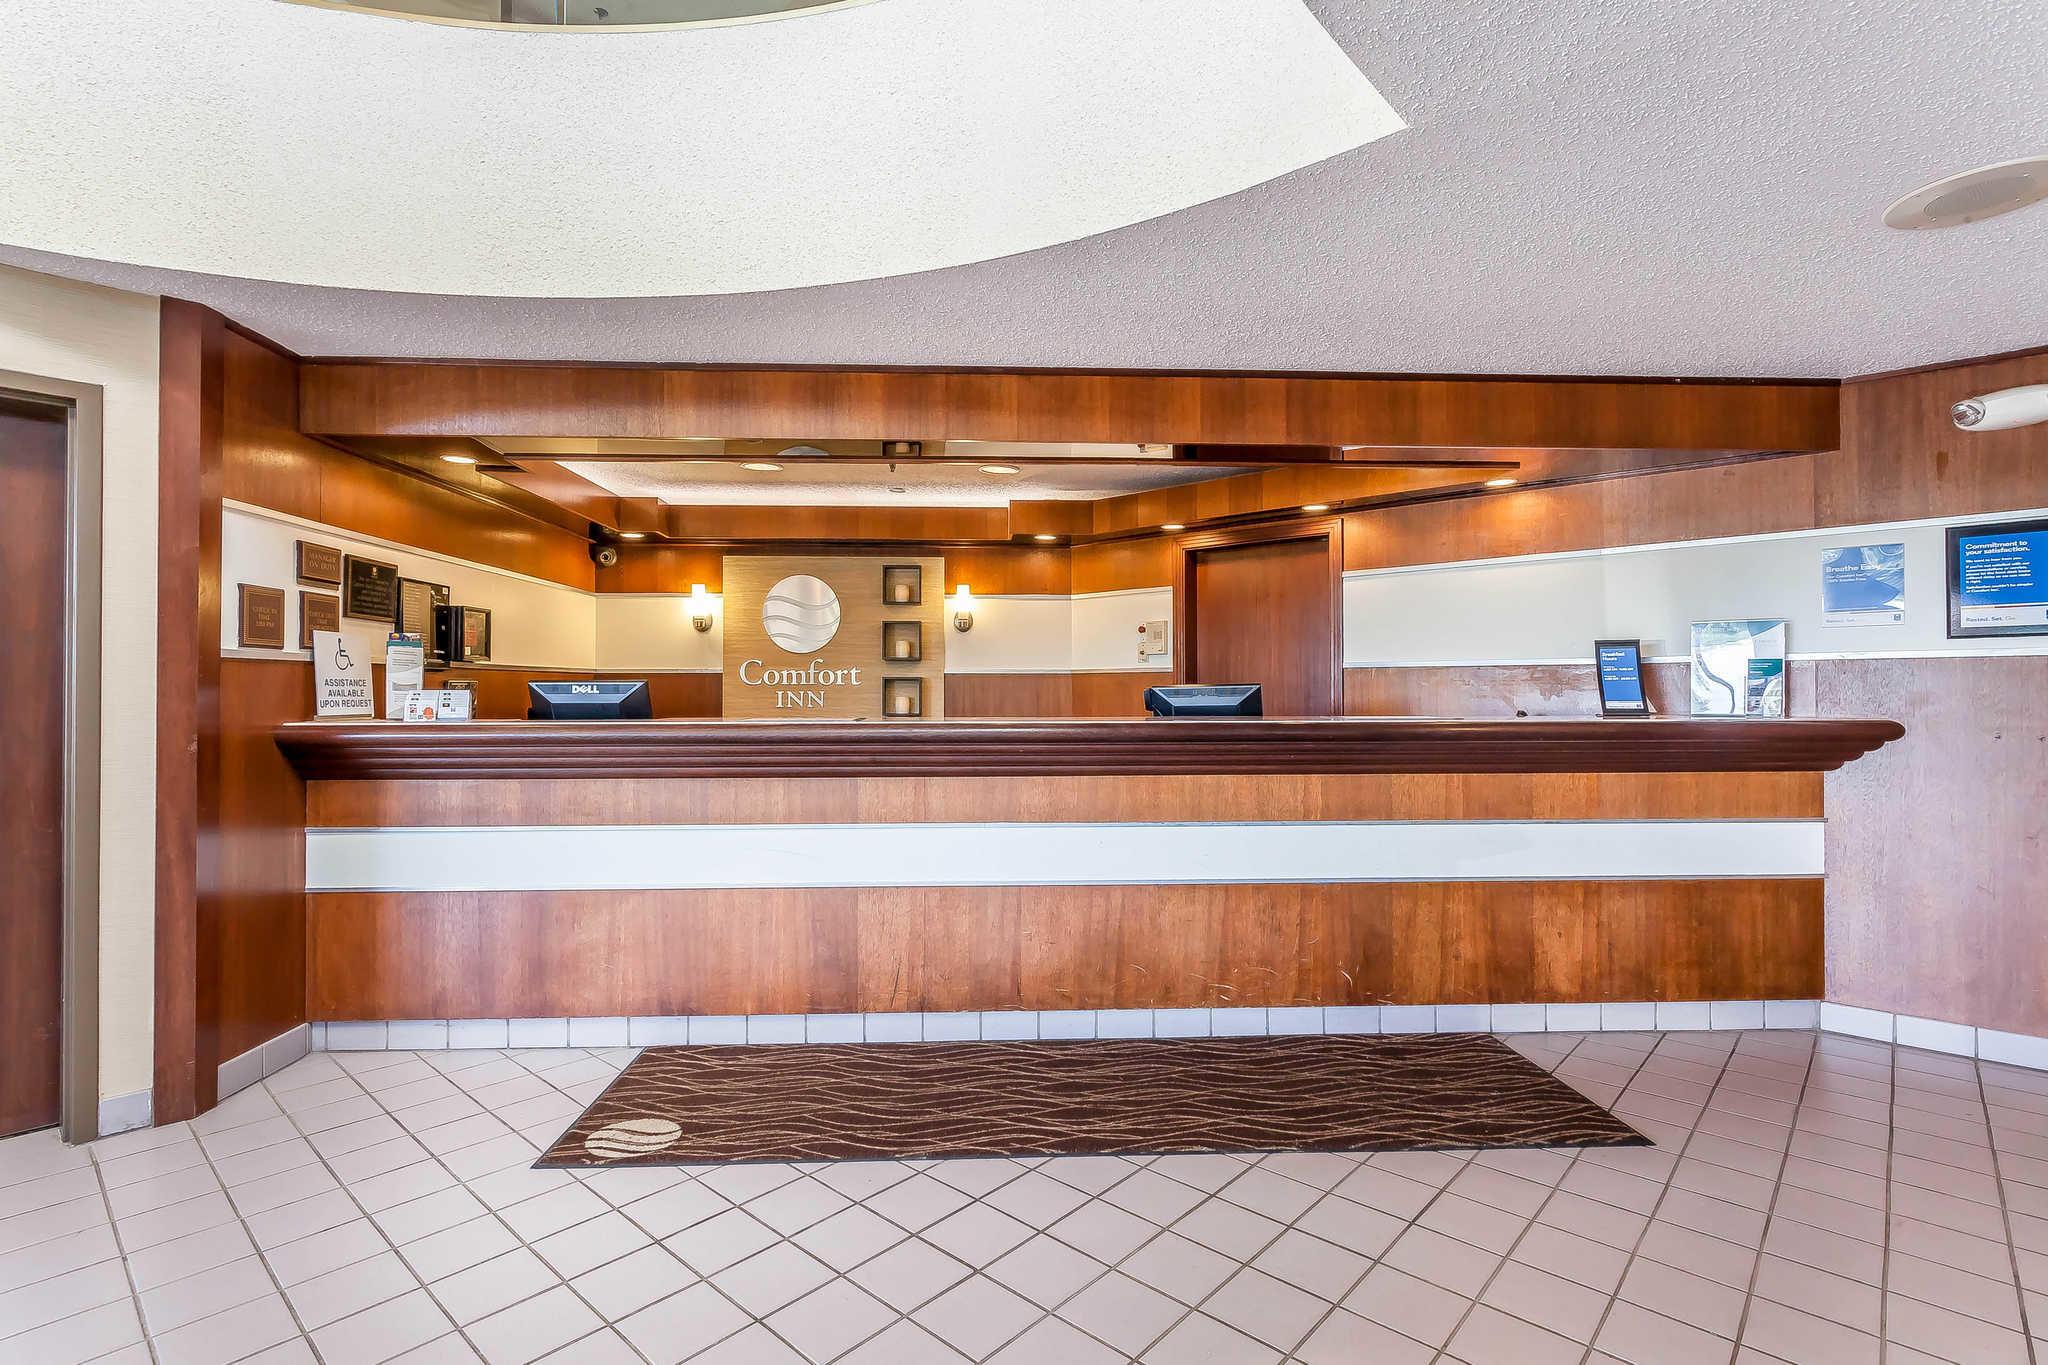 Comfort Inn - Hall of Fame image 5